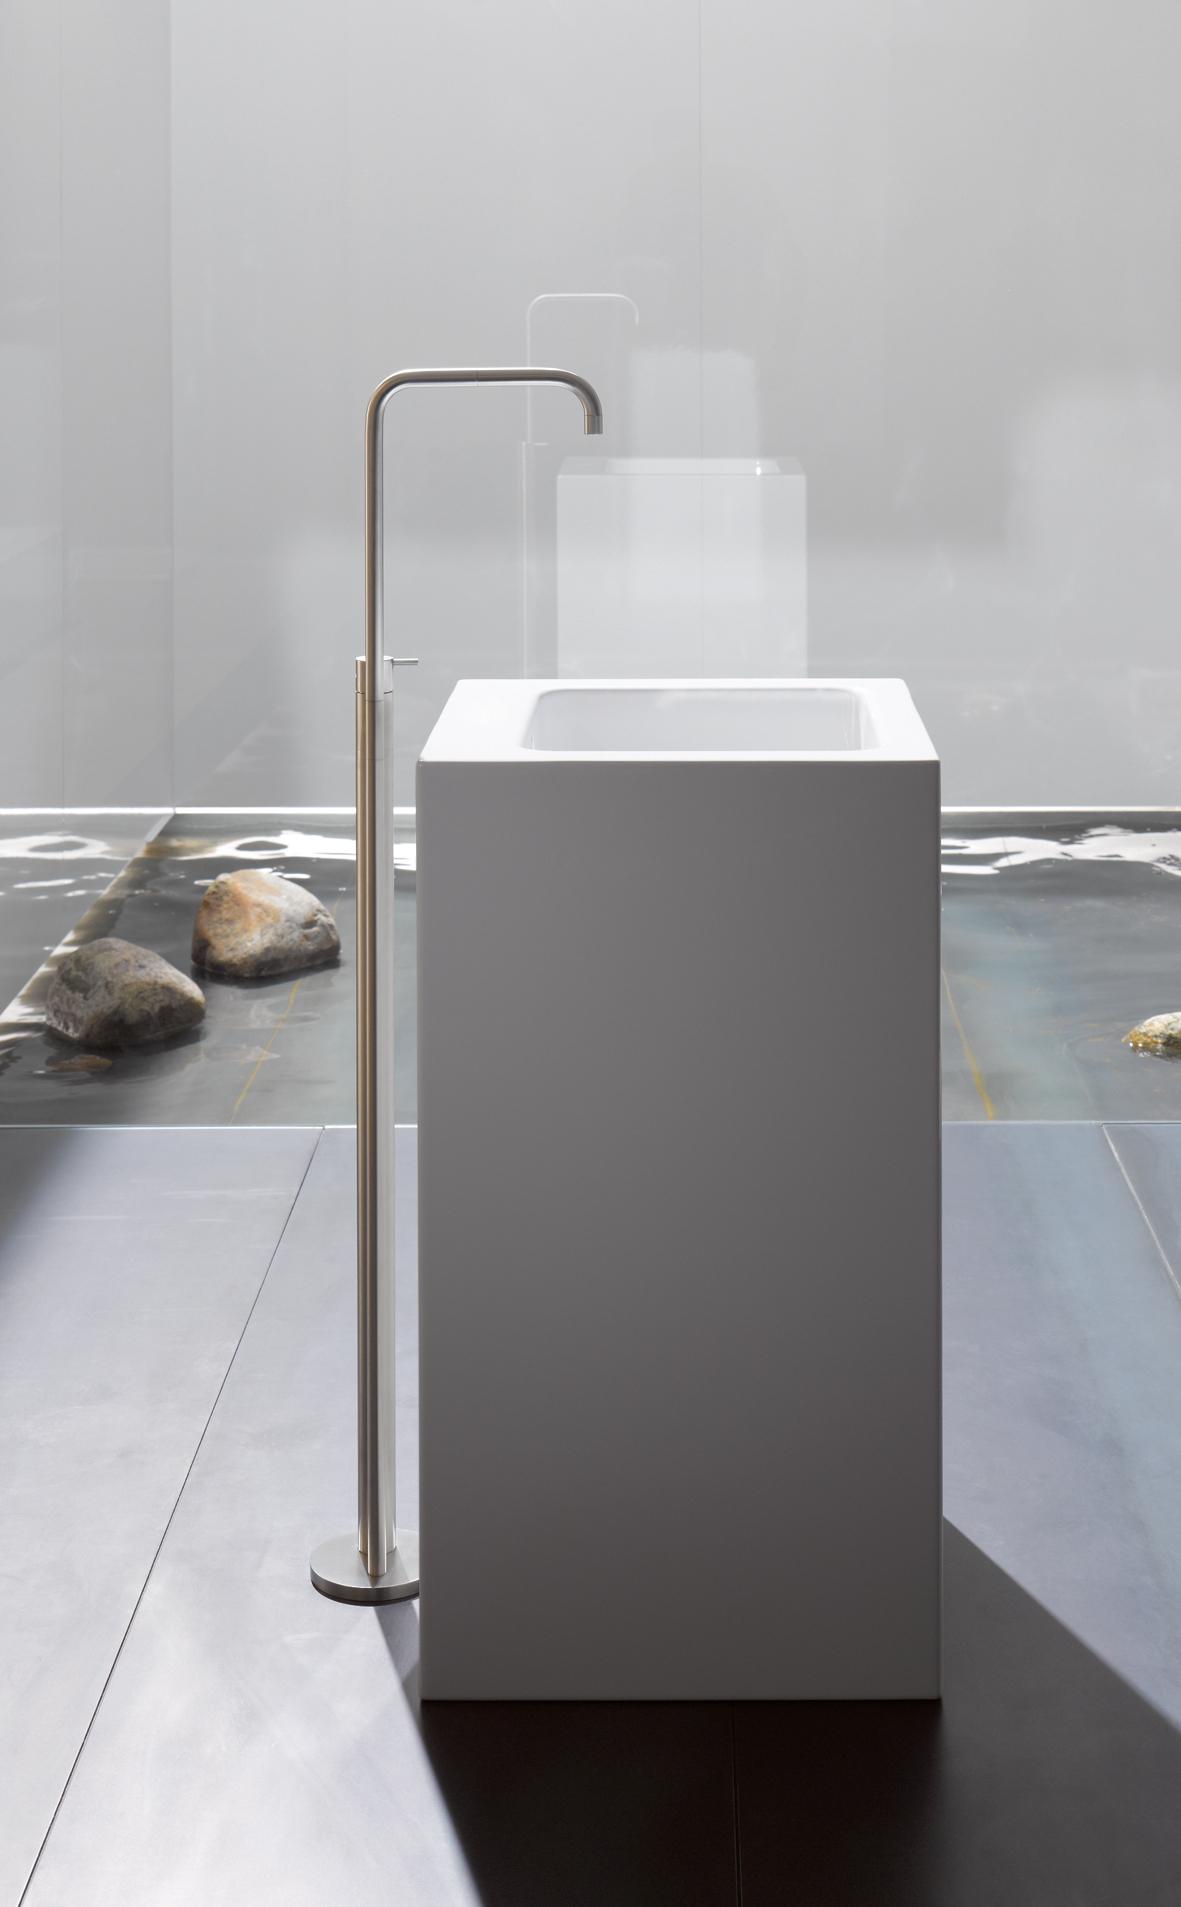 Wastafel-ideeu00ebn voor elke badkamer - Nieuws Startpagina voor badkamer ...